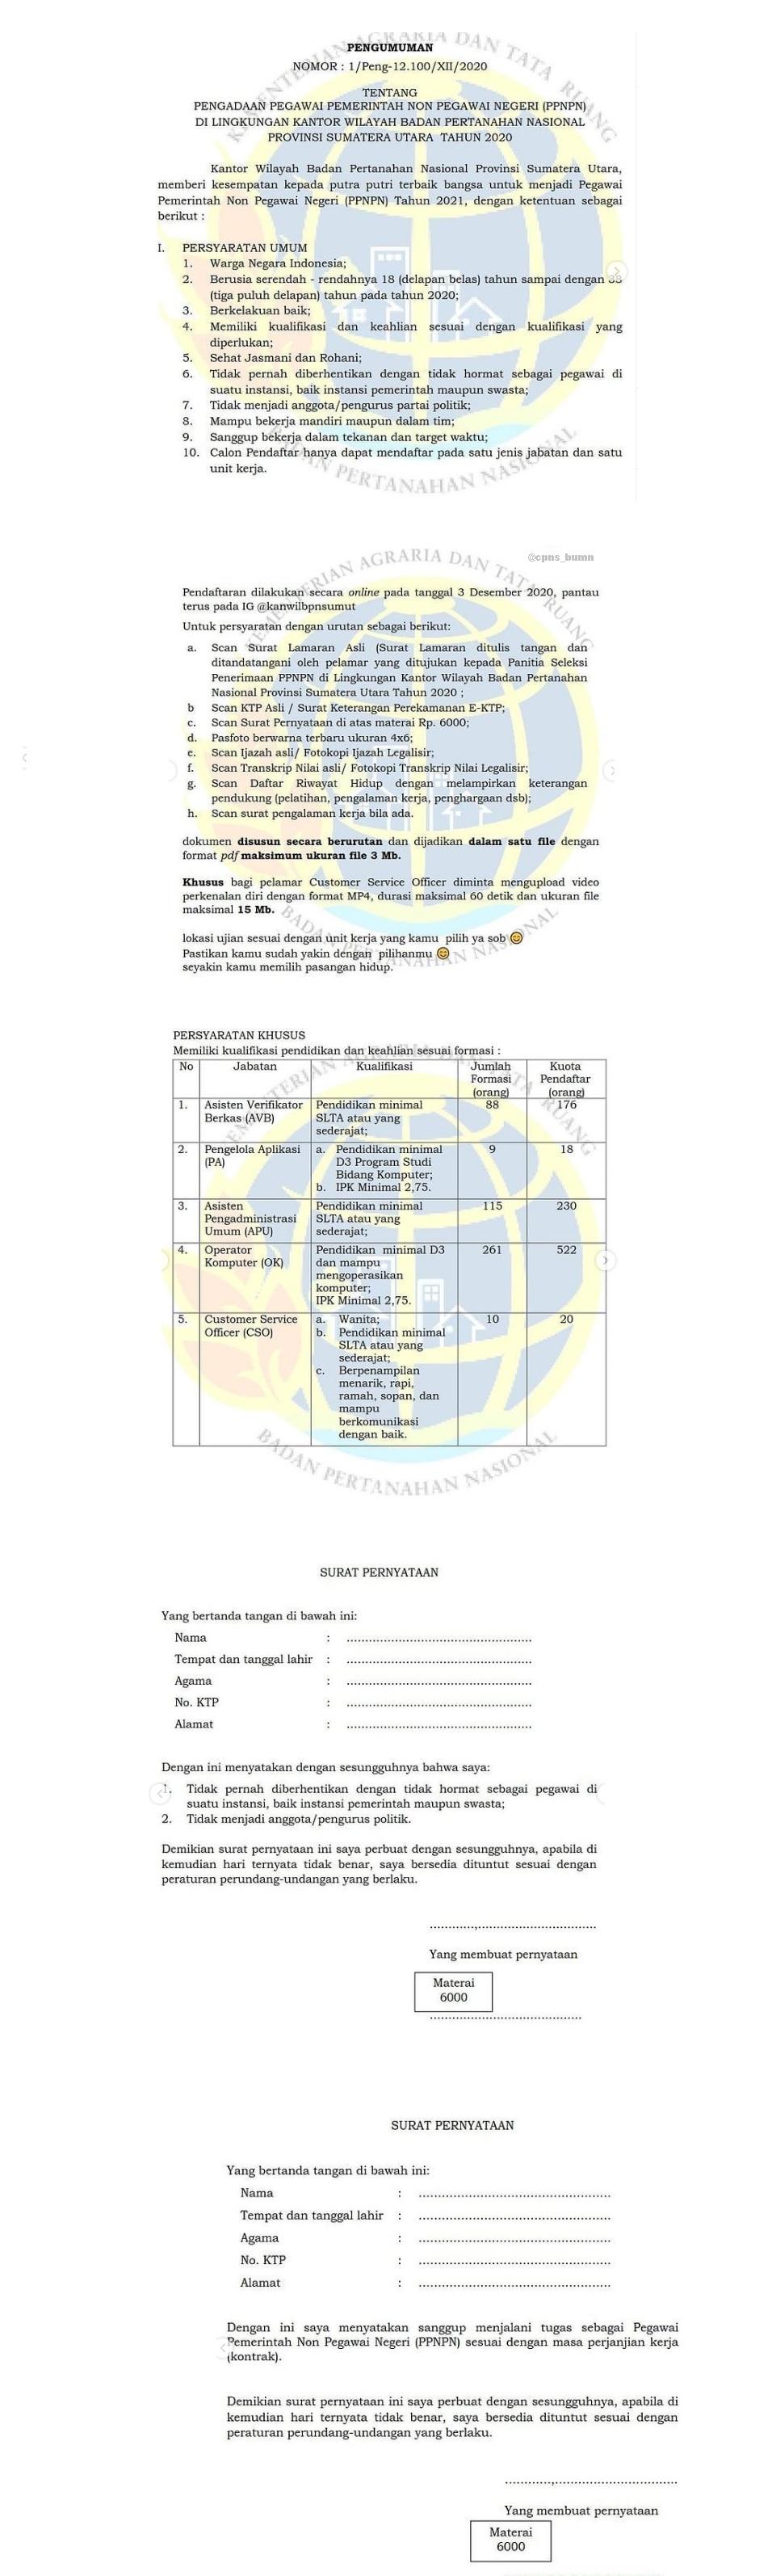 Lowongan Kerja Kantor Wilayah Badan Pertahanan Nasional Sumatera Utara 483 Posisi Tahun 2020